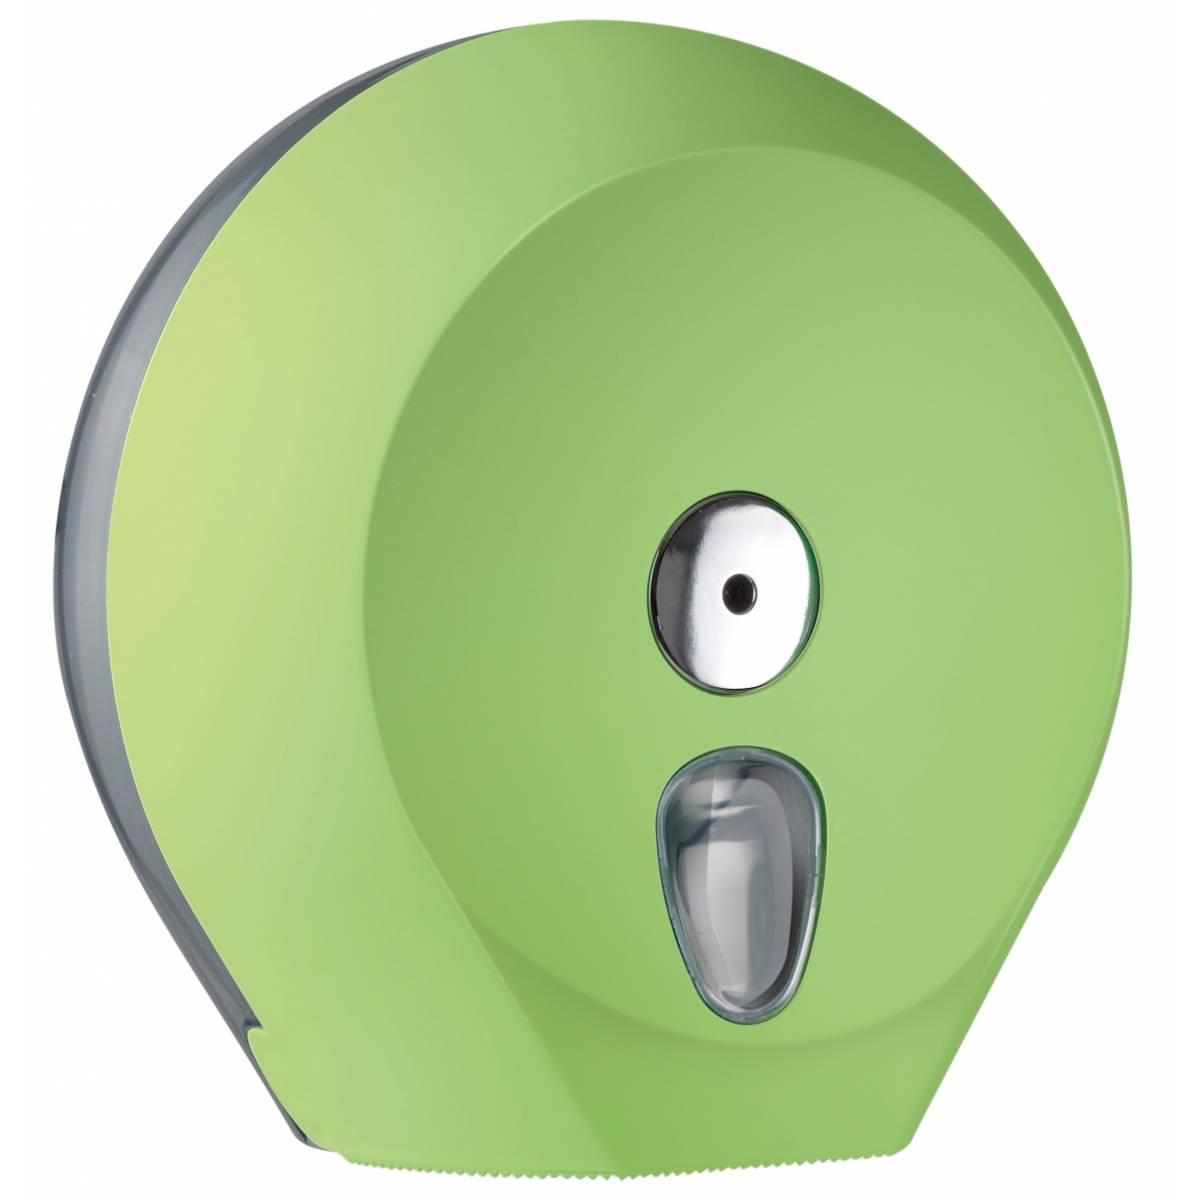 Держатель бумаги туалетной JUMBO COLORED (756VE) A75610VE Mar Plast